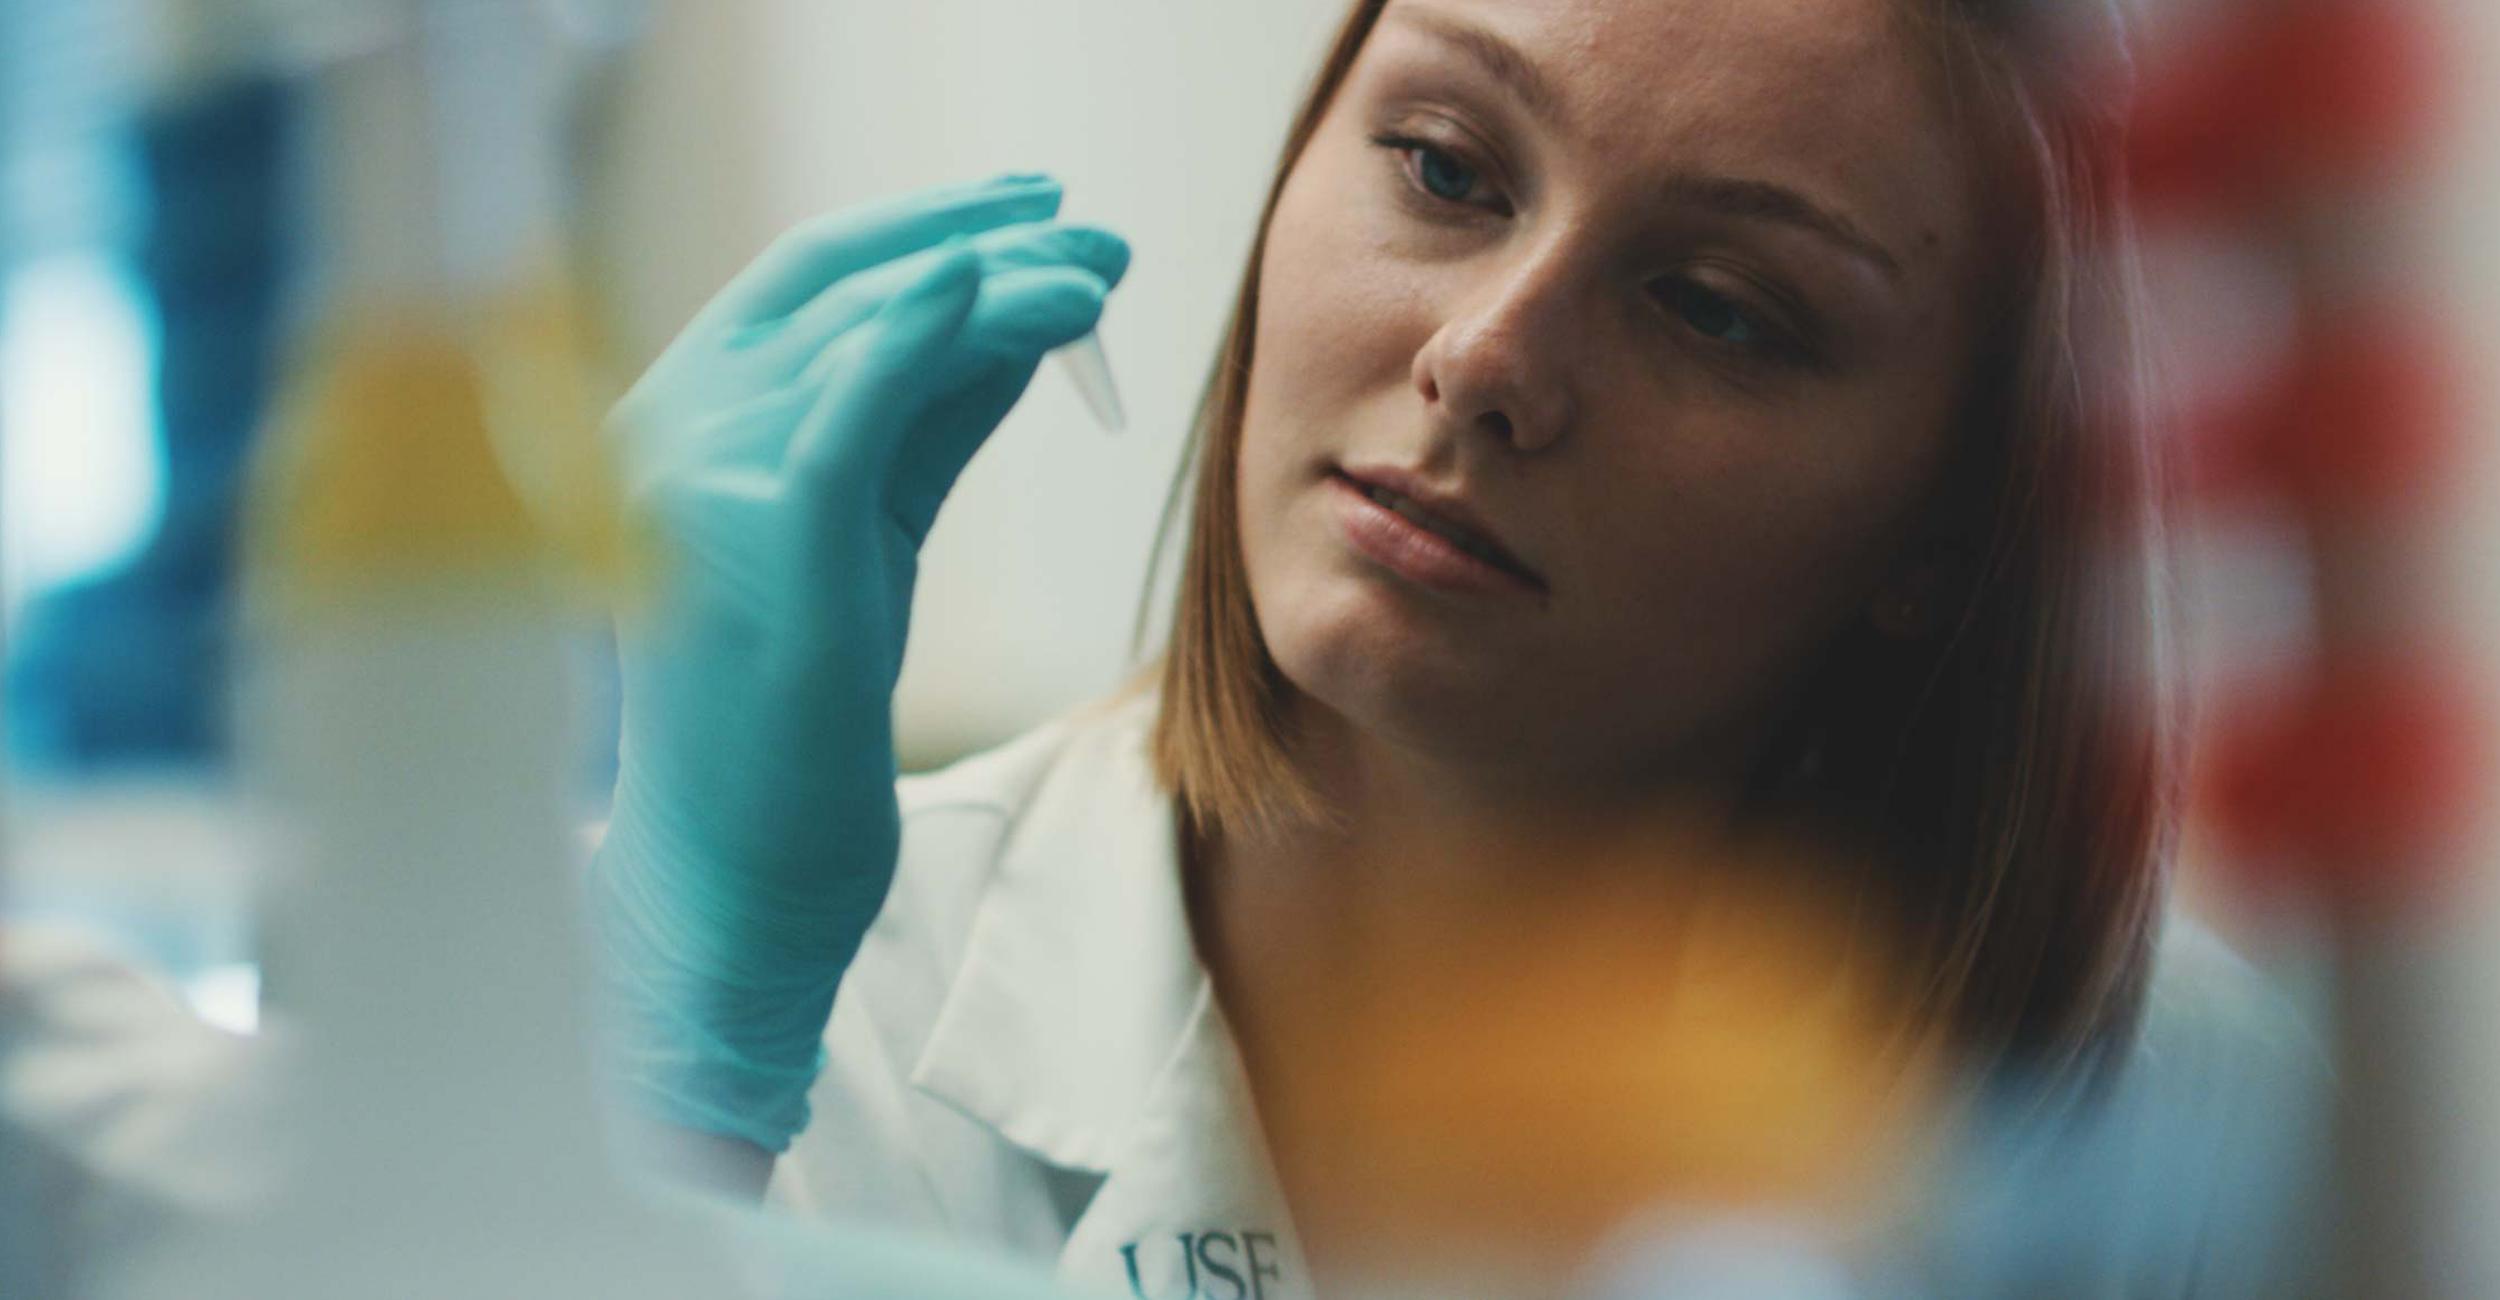 usf student examining test tube